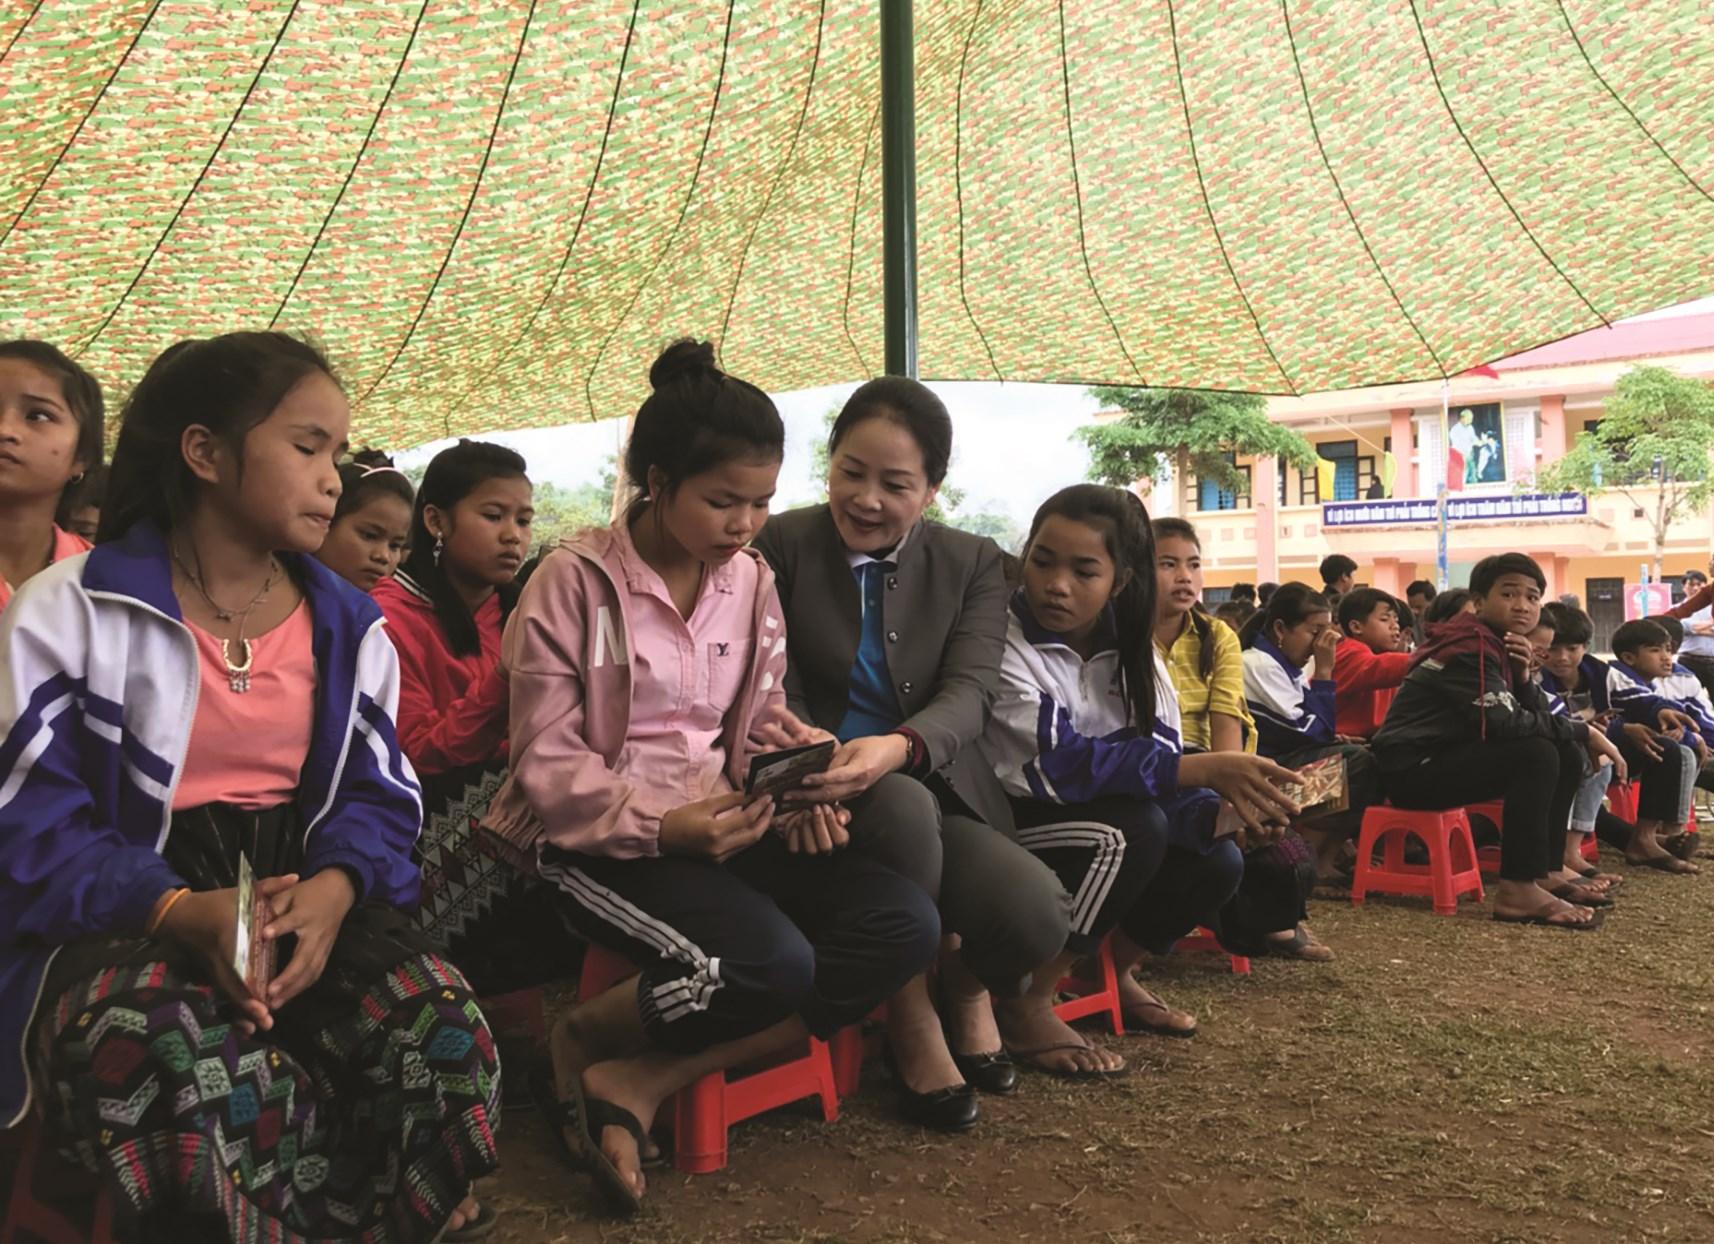 Bà Đỗ Thị Bích Thủy, Phó Chủ tịch Thường trực Hội Liên hiệp Phụ nữ tỉnh giao lưu cùng các học sinh nữ